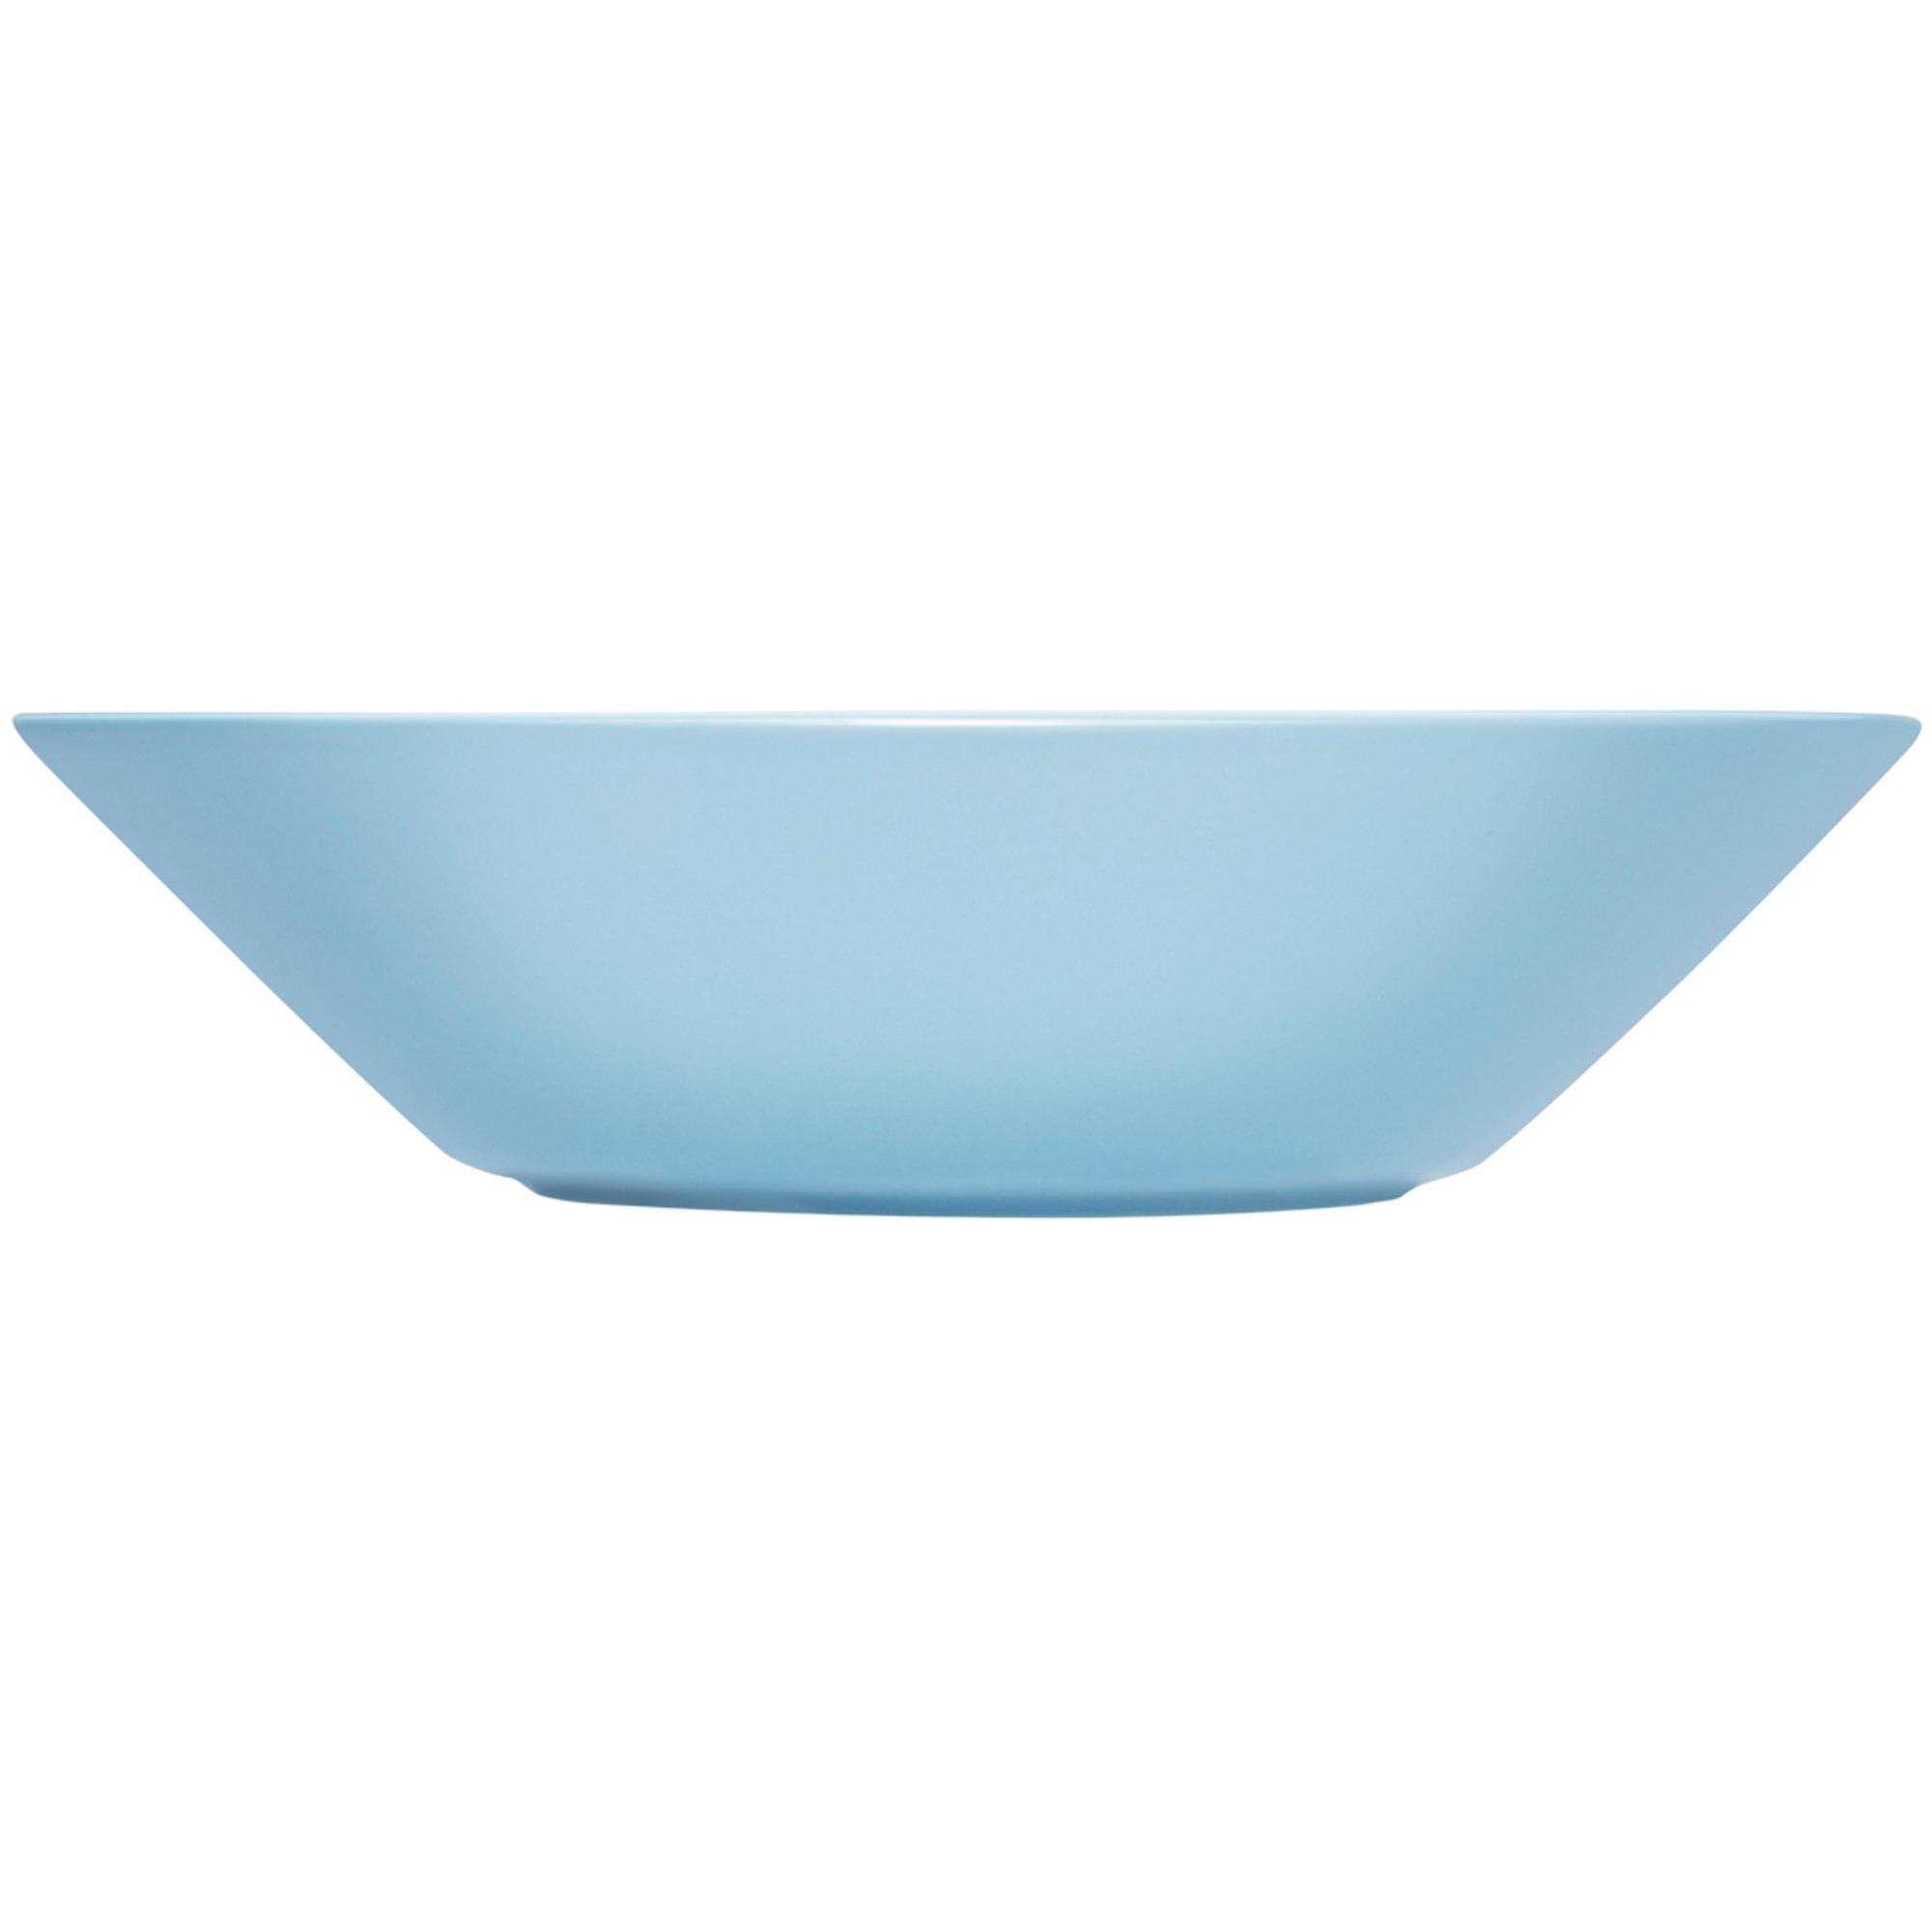 Iittala Teema tallrik djup 21 cm ljusblå